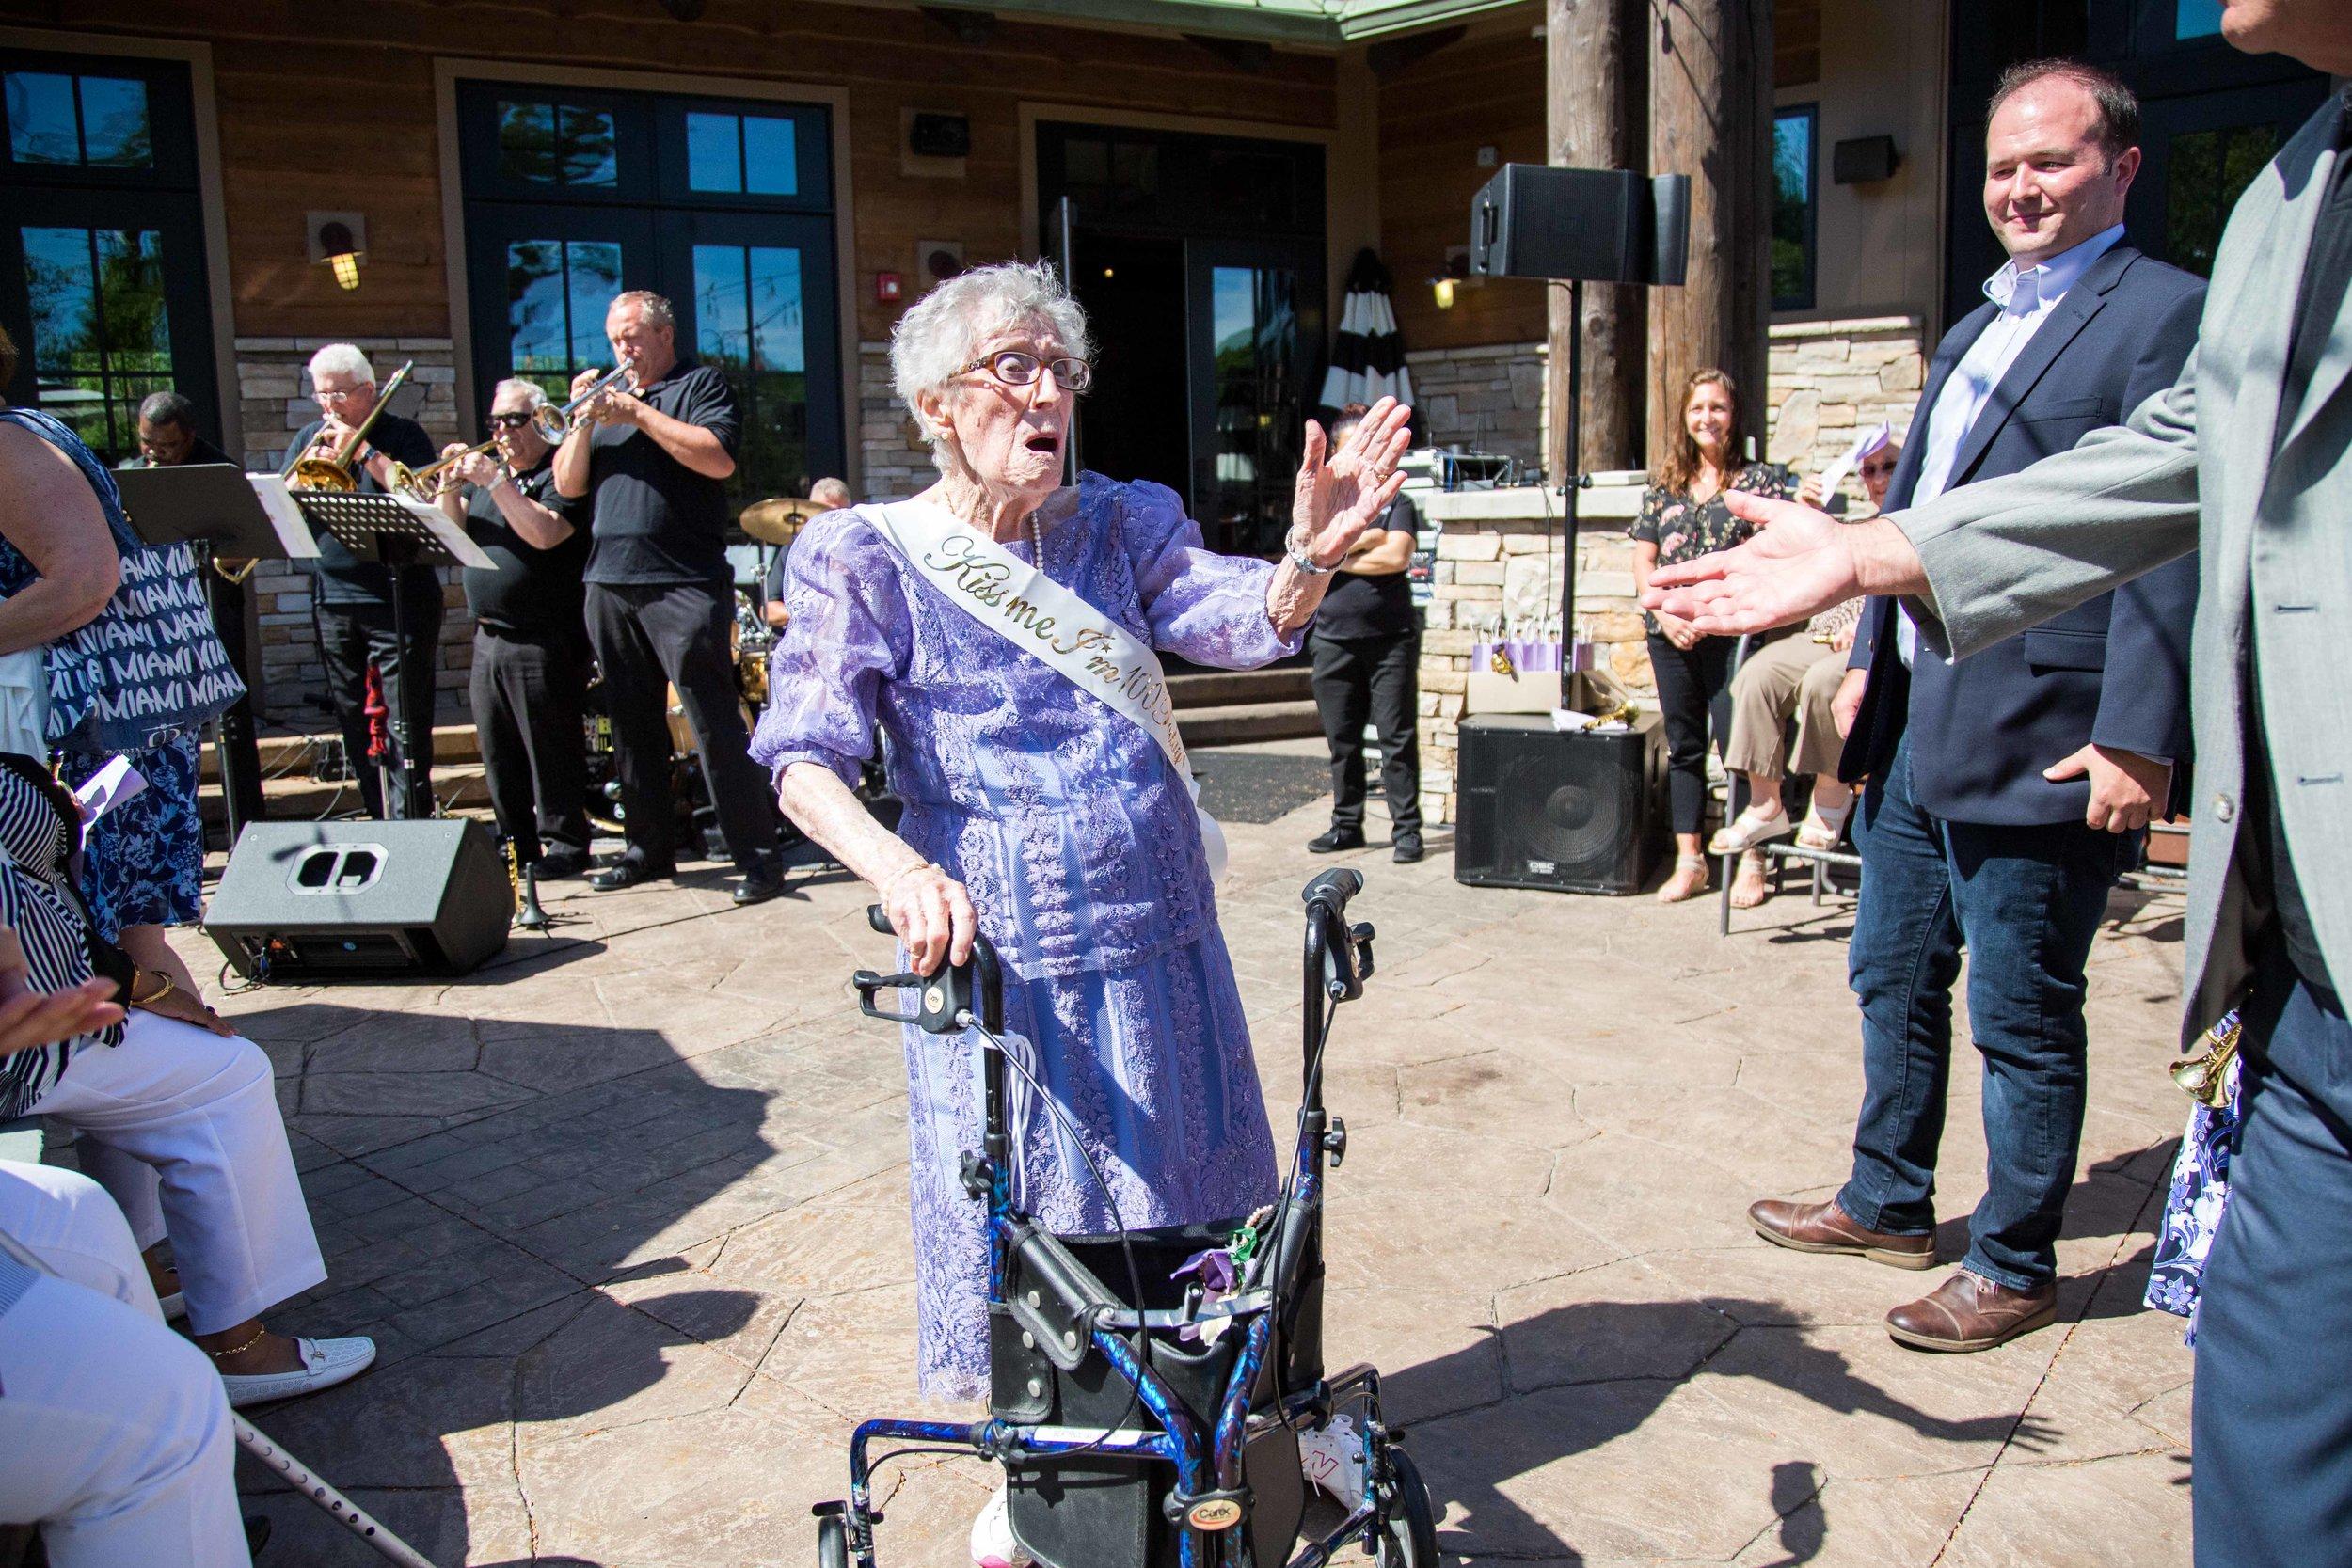 McLoones Boathouse West Orange NJ 100th Birthday Party Event Photos-27.jpg